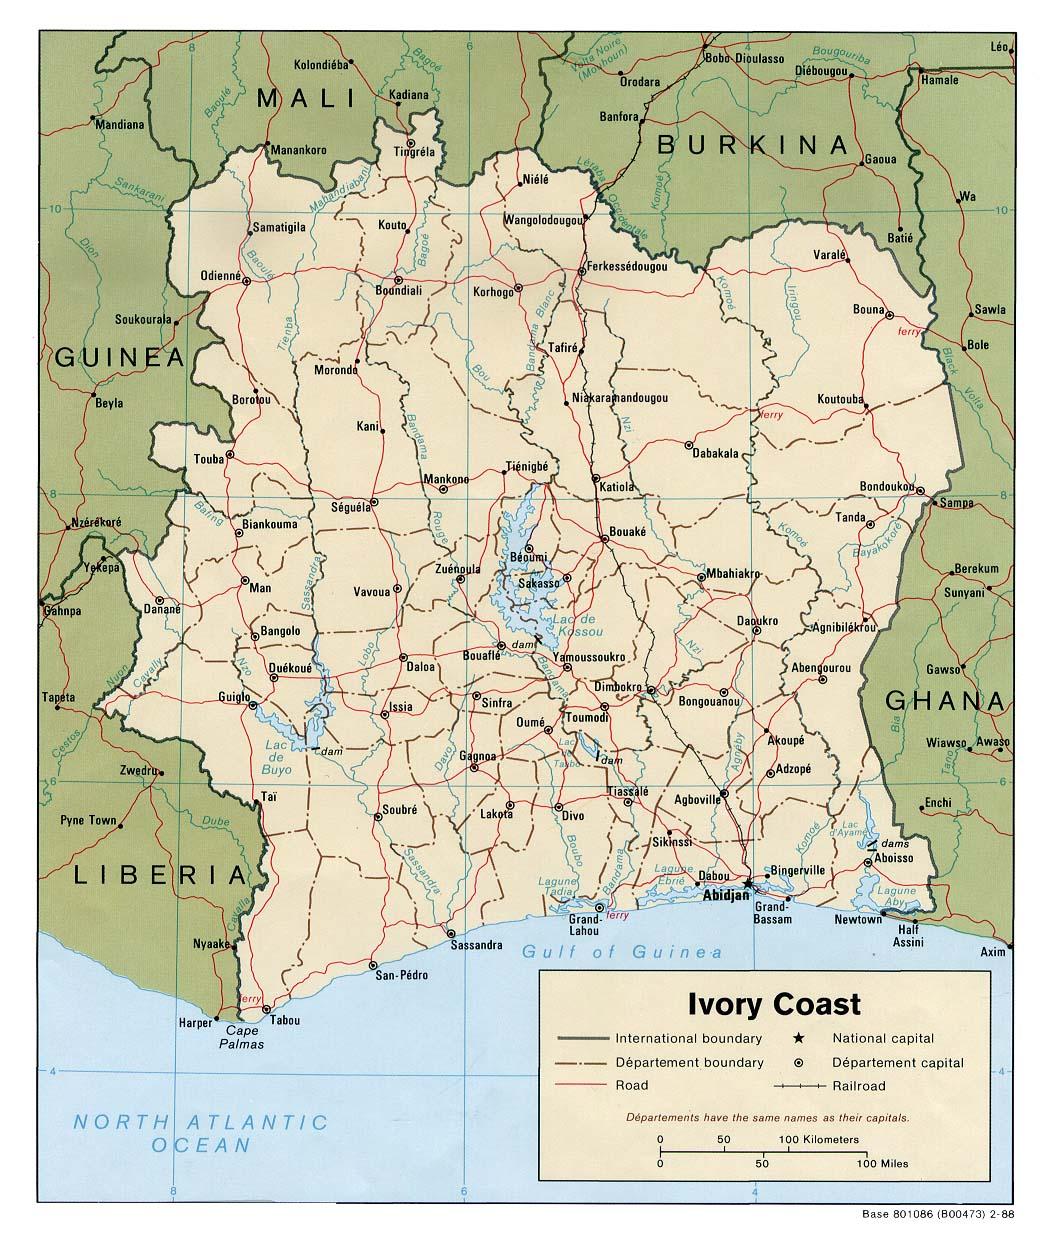 Mapa Politico de Côte d'Ivoire